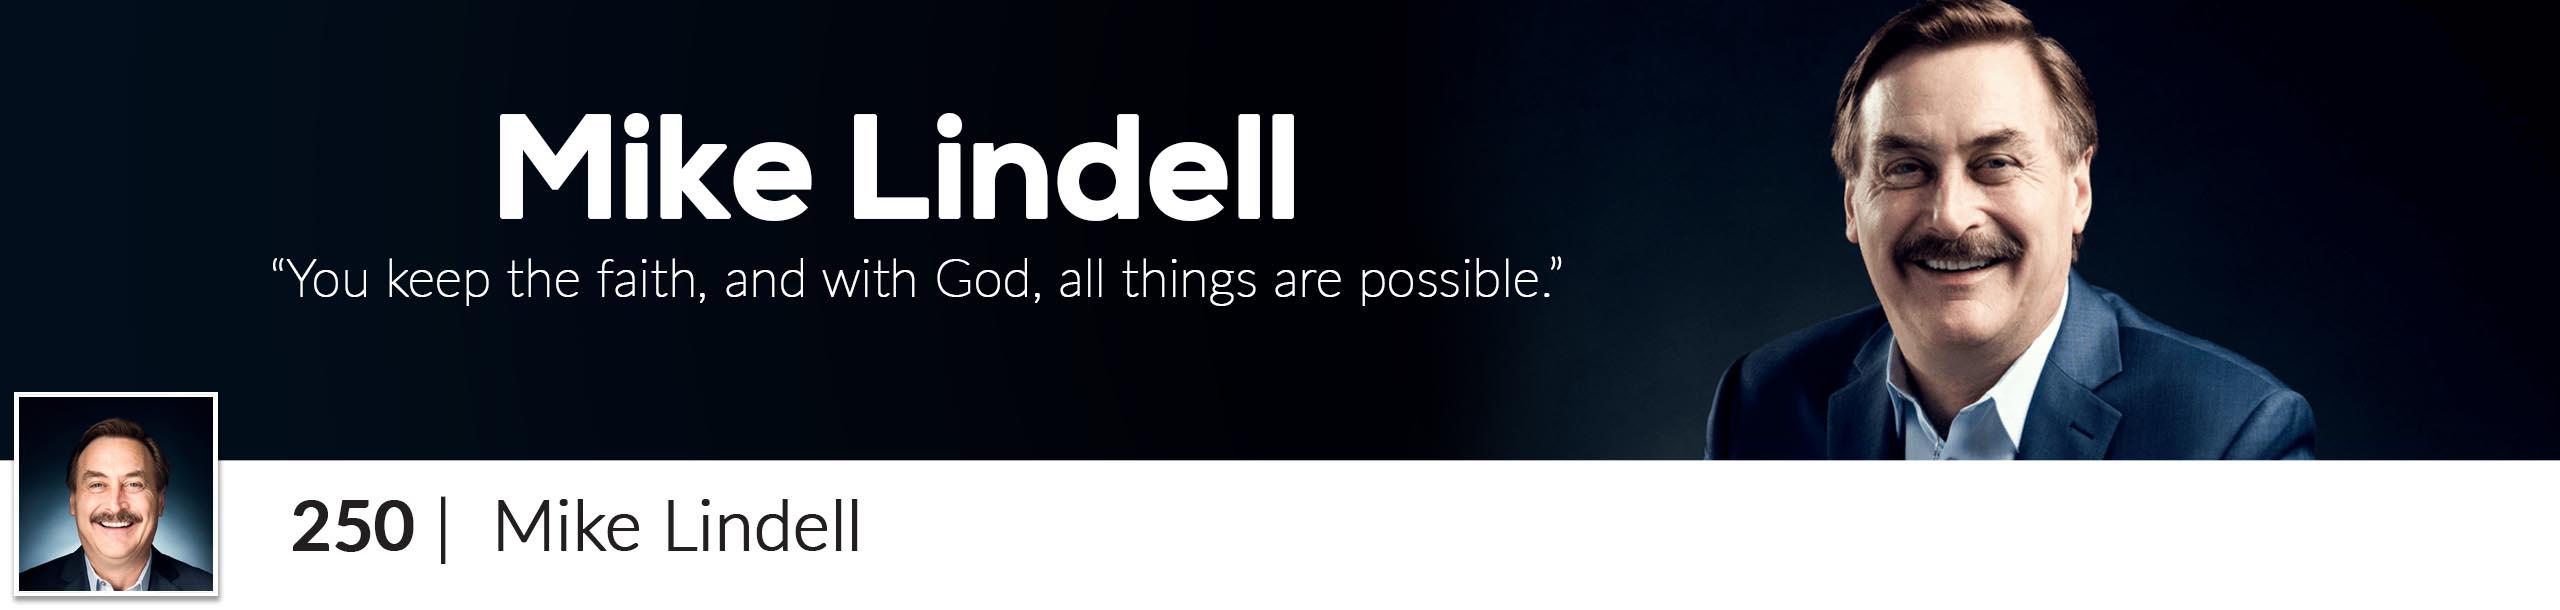 Mike_Lindell-header1